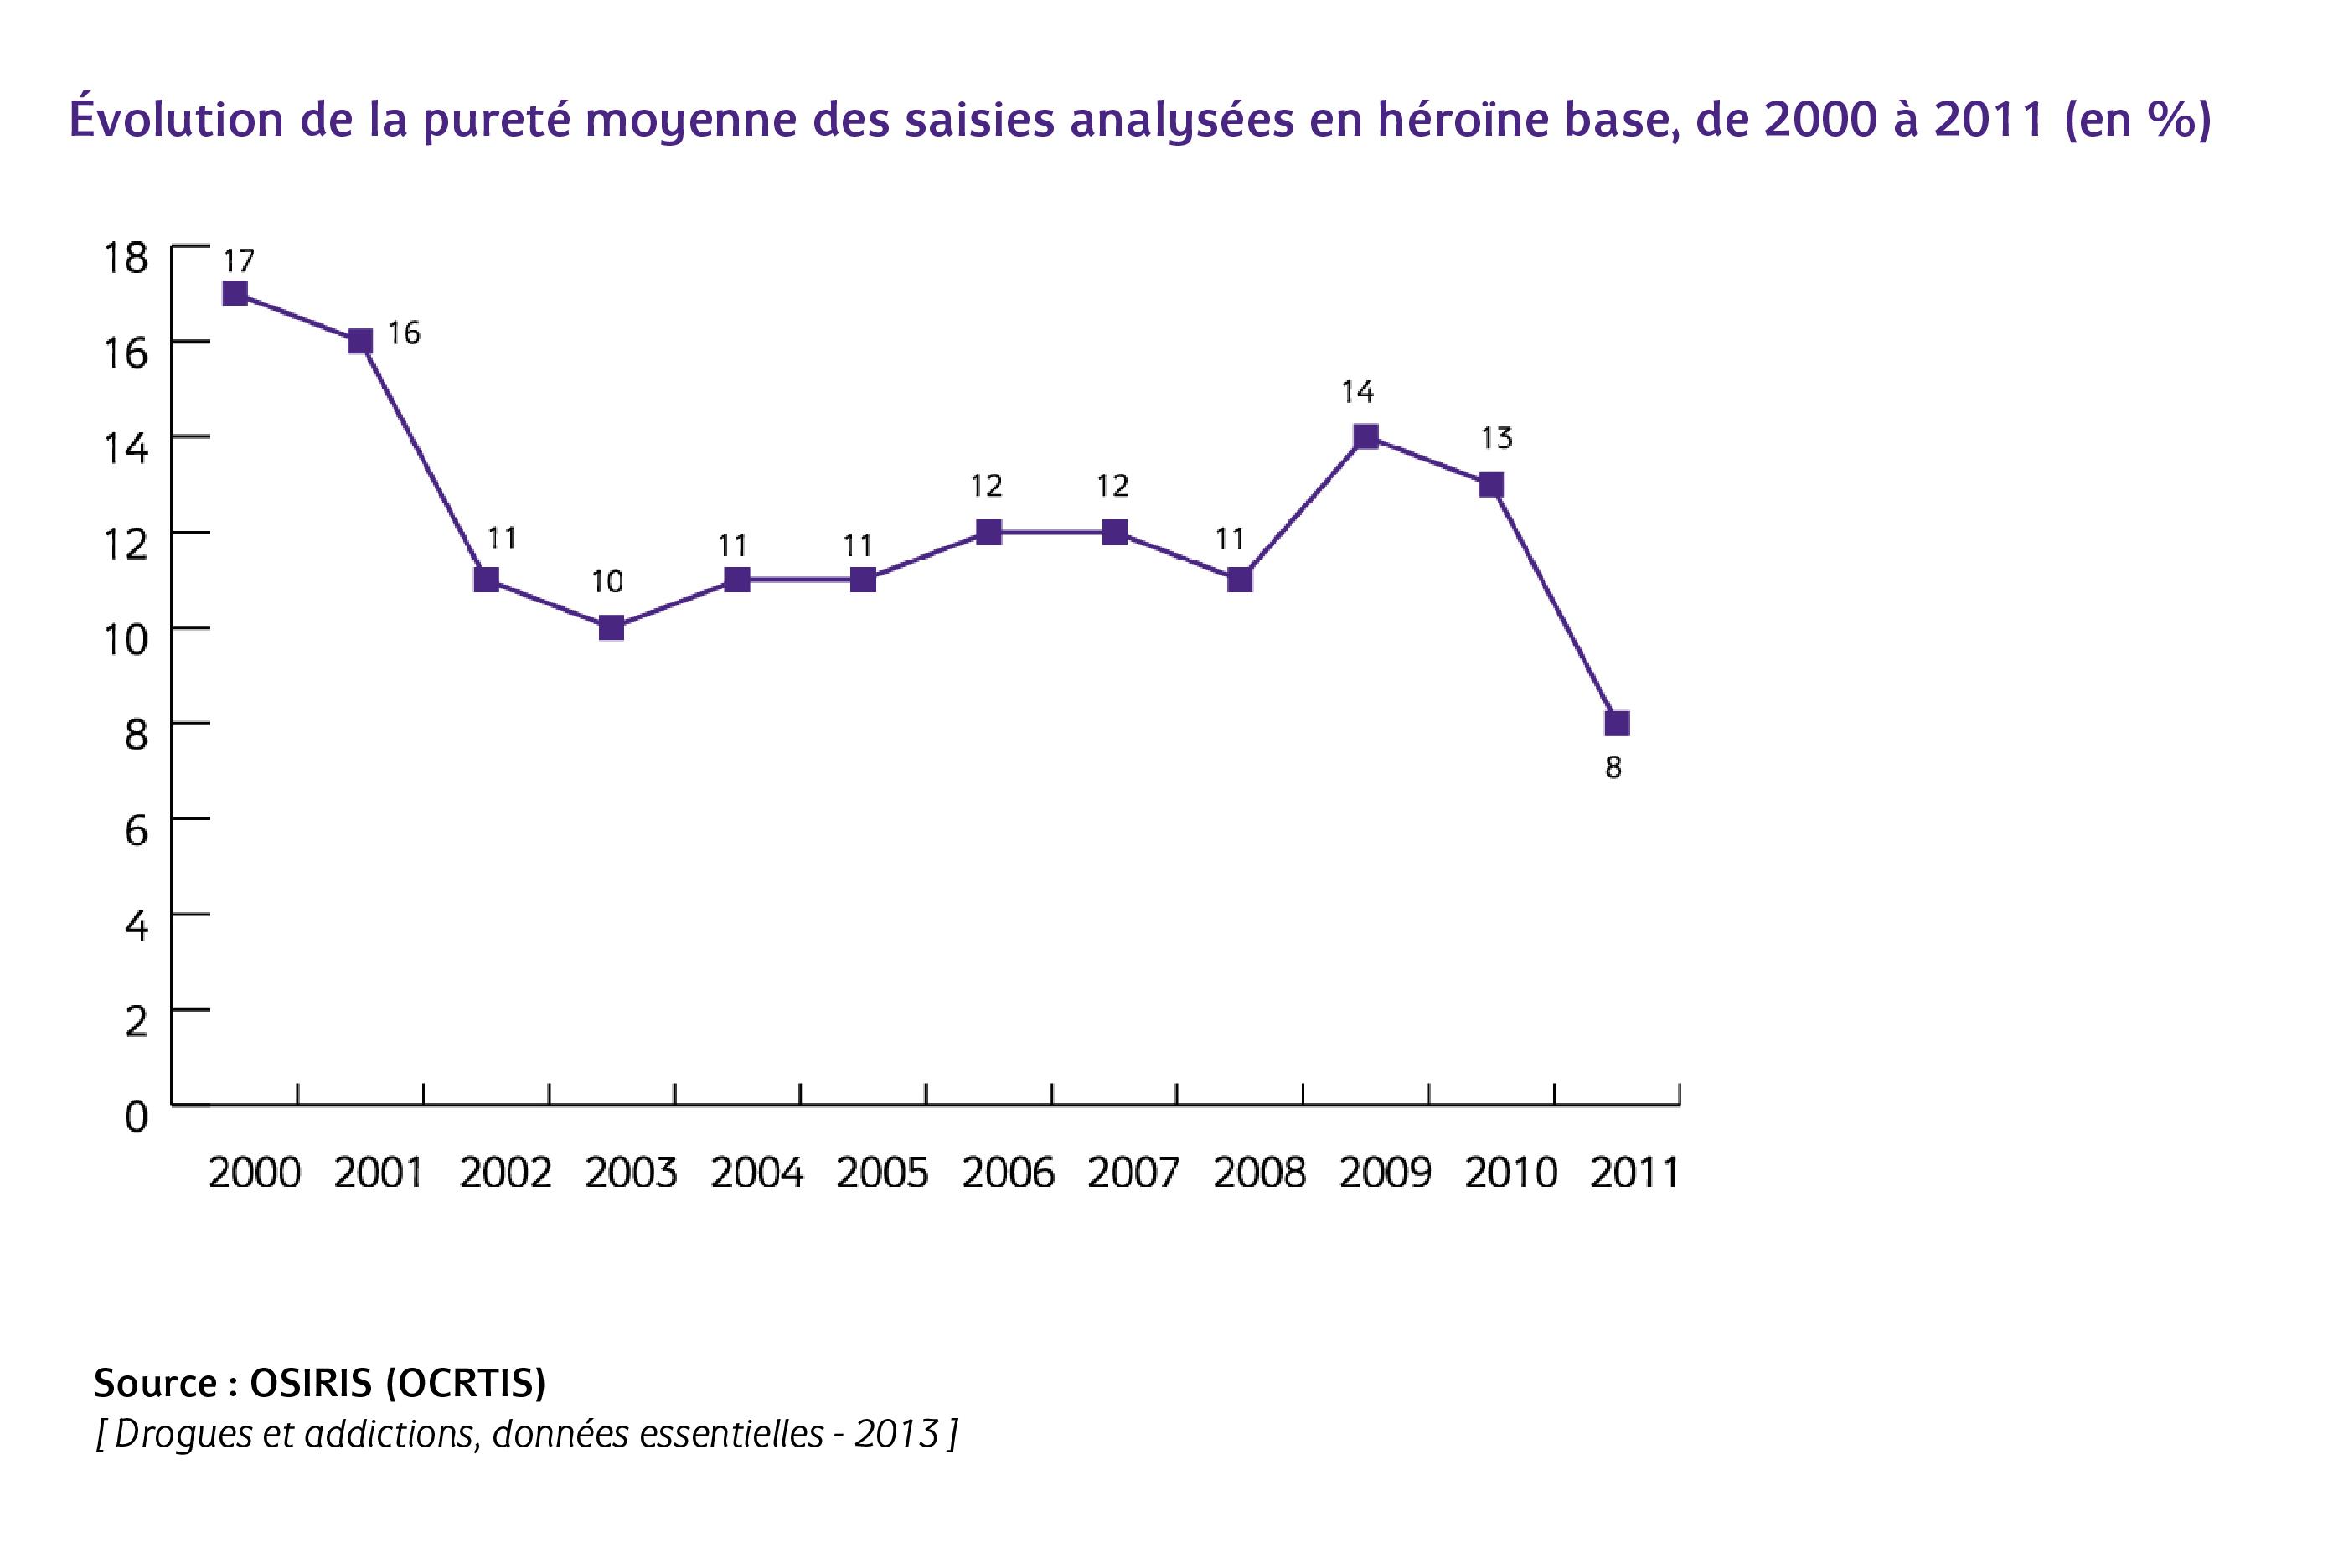 Évolution_de_la_pureté_moyenne_des_saisies_analysées_en_héroïne_base,_de_2000_à_2011.jpg - image/jpeg